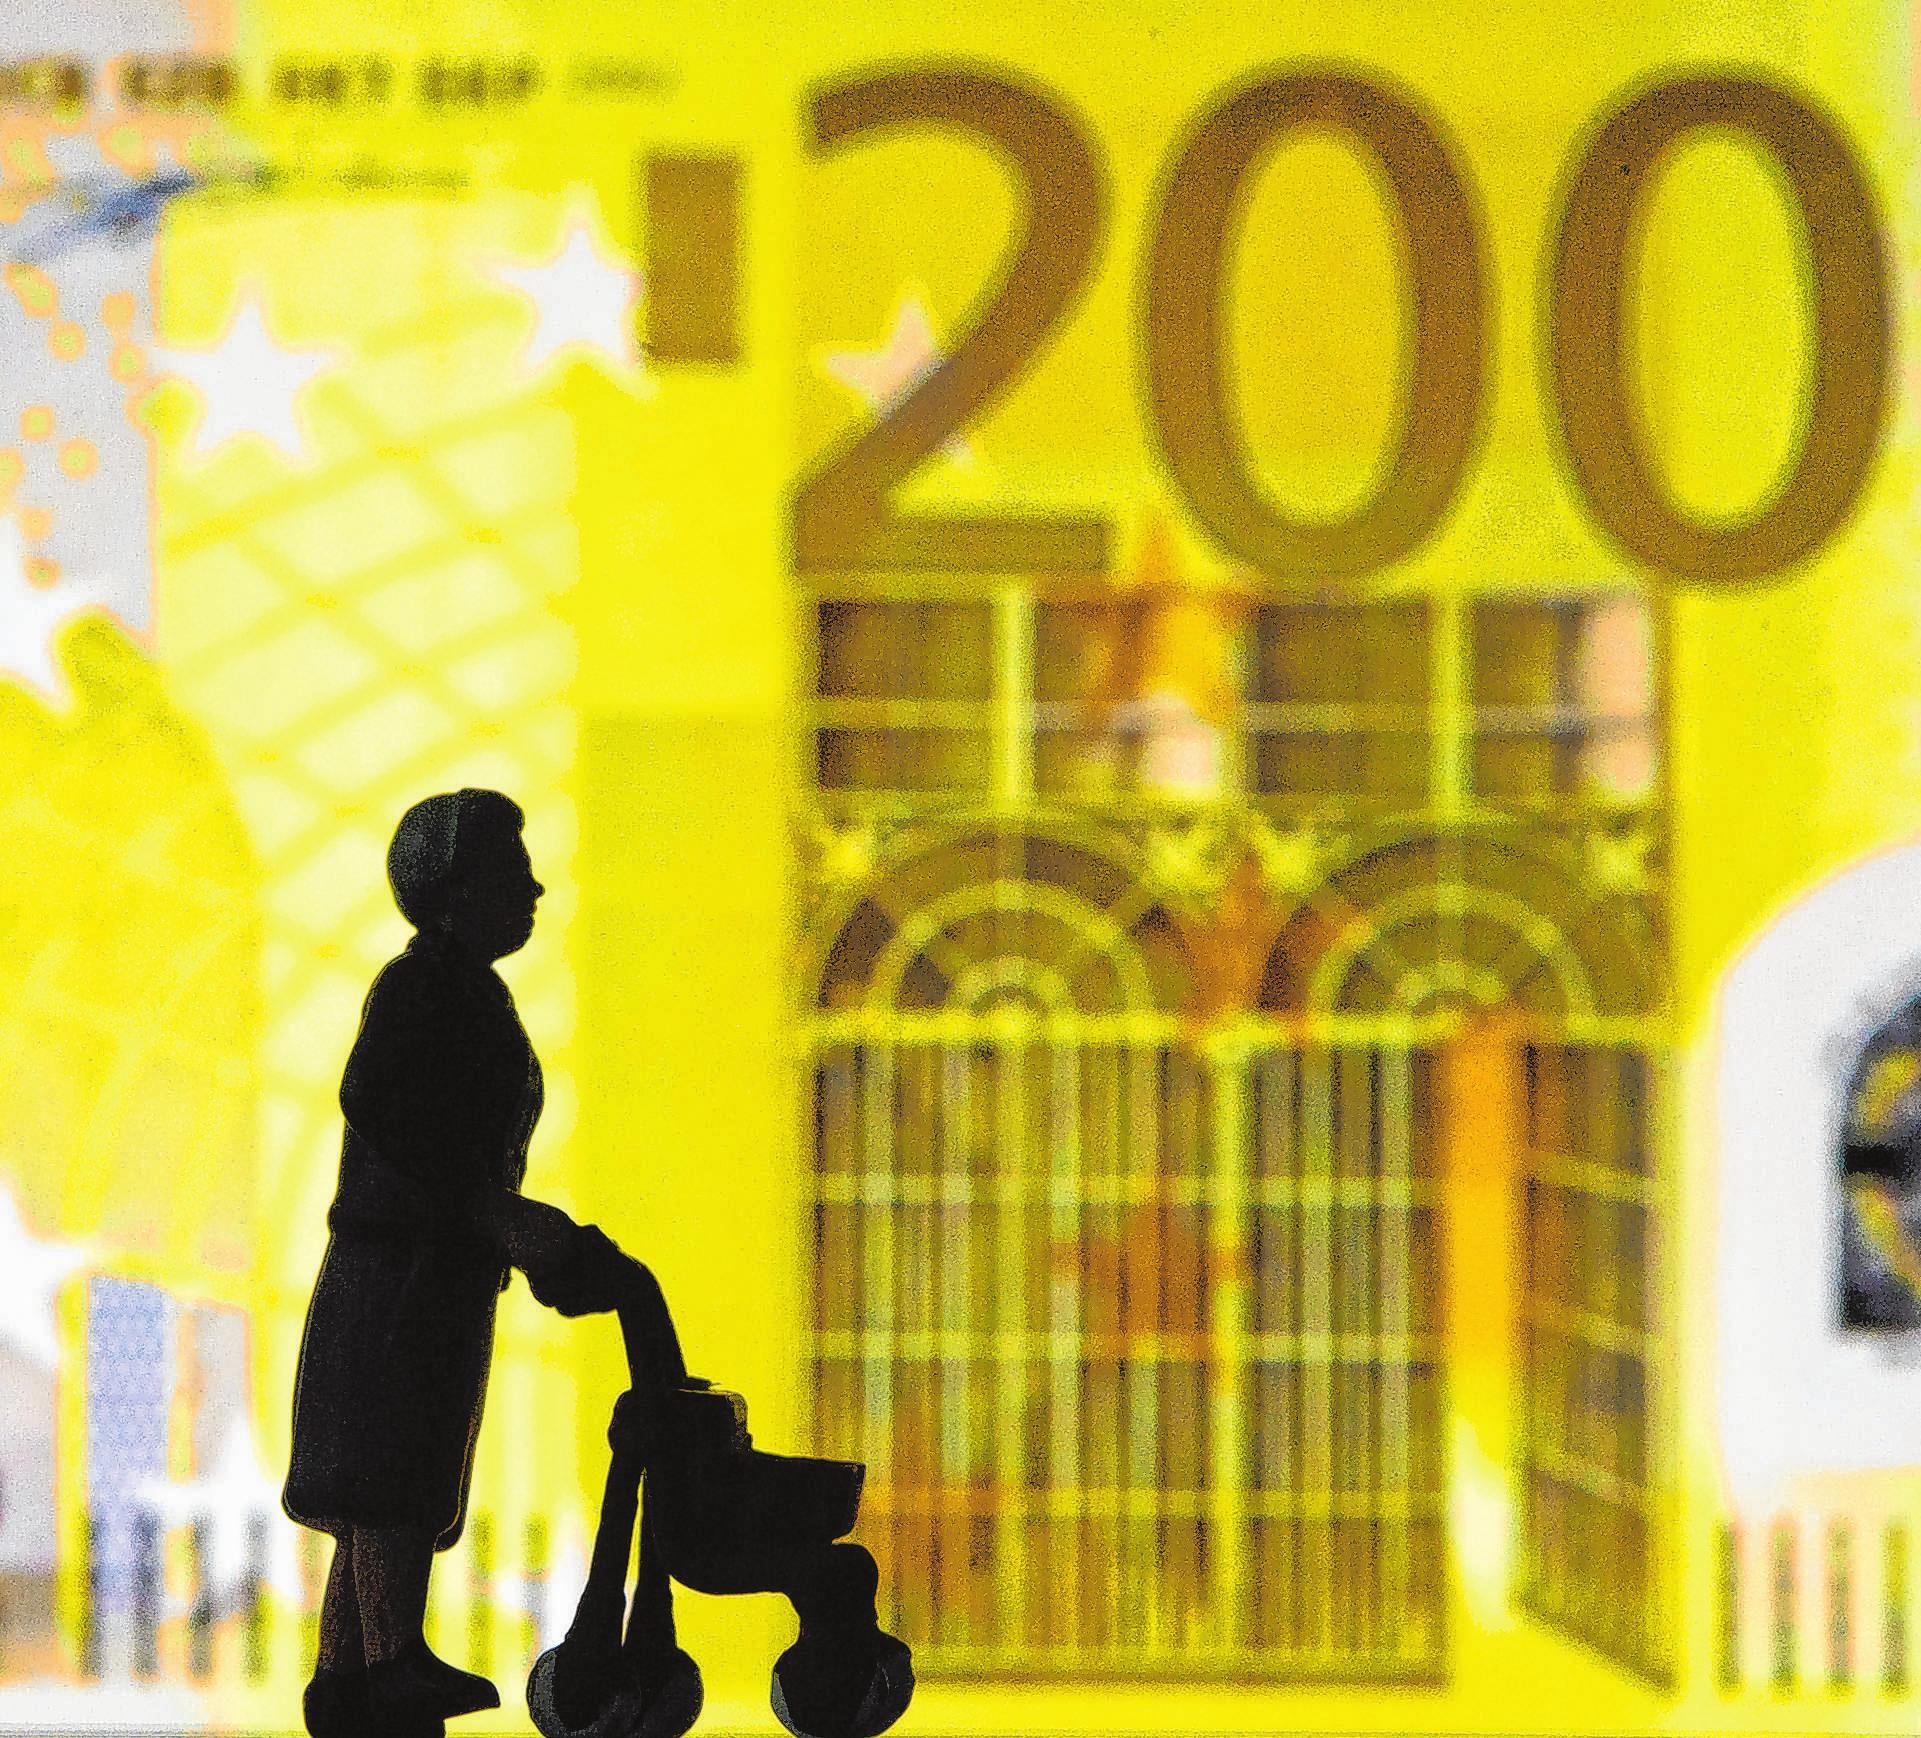 Altersvorsorge wird steuerlich gefördert: Bestimmte Zahlungen senken als Sonderausgaben das zu versteuernde Einkommen. Foto: Andrea Warnecke/dpa-mag